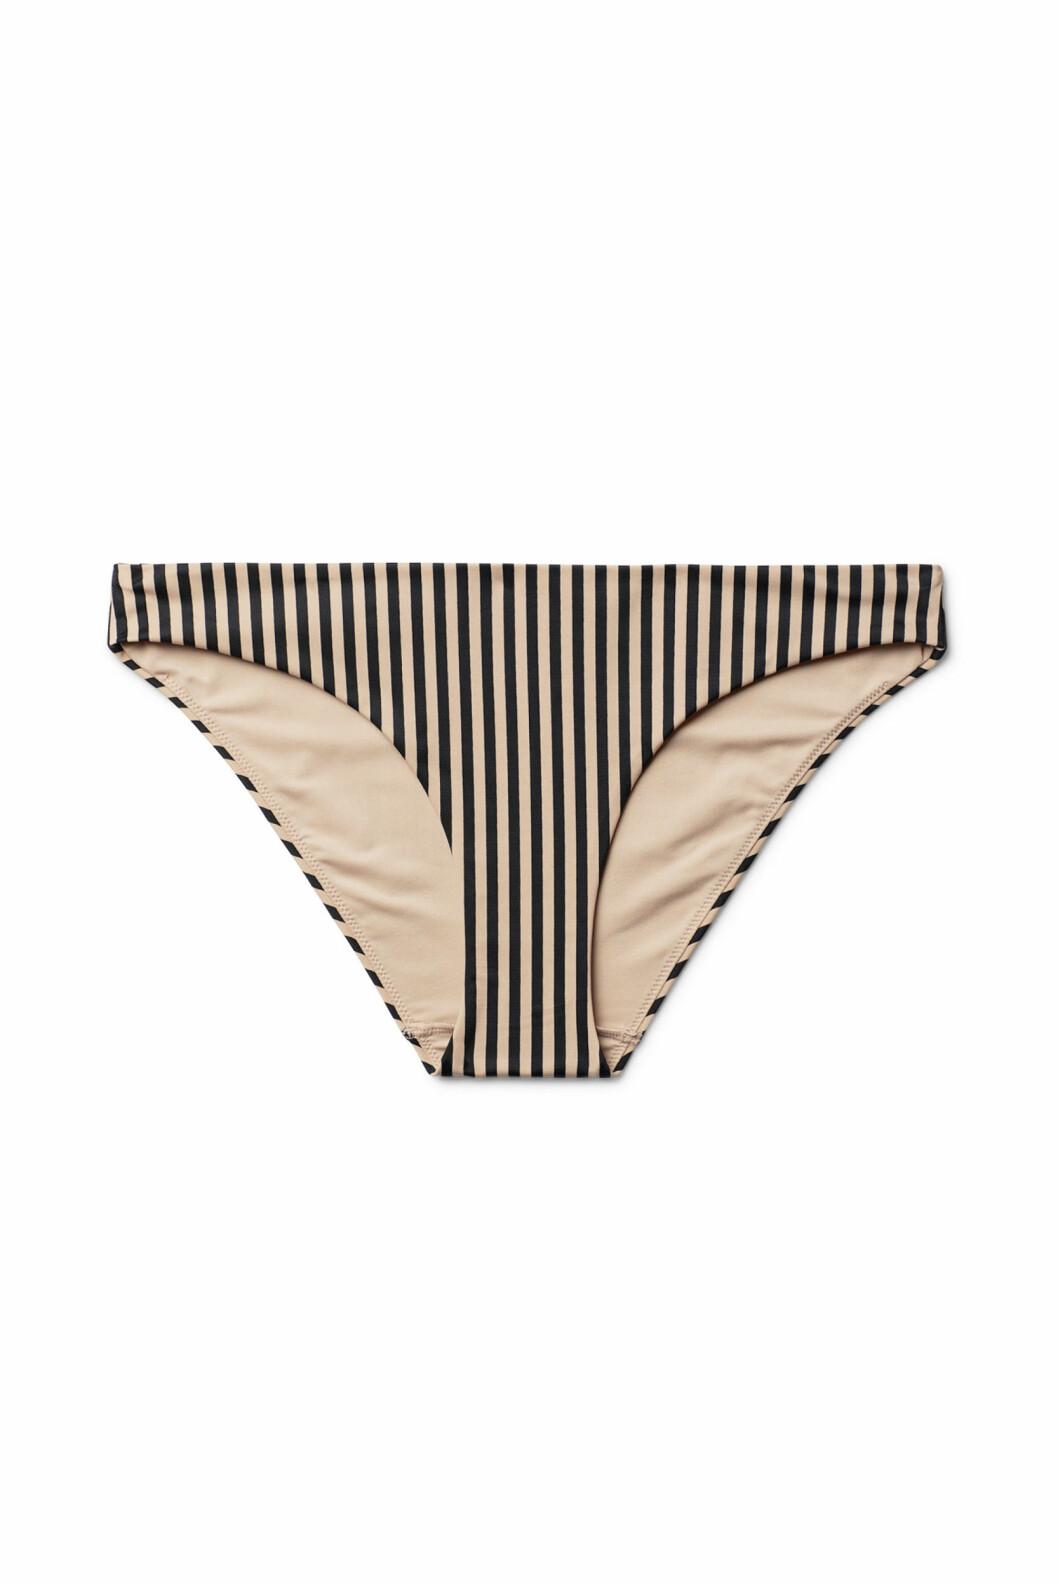 <strong>Bikinitruse fra Weekday  100,-  https:</strong>//www.weekday.com/en_sek/women/categories/swimwear/_jcr_content/subdepartmentPar/productlisting.products/product.nene-swim-bottoms-beige.0573975004.html